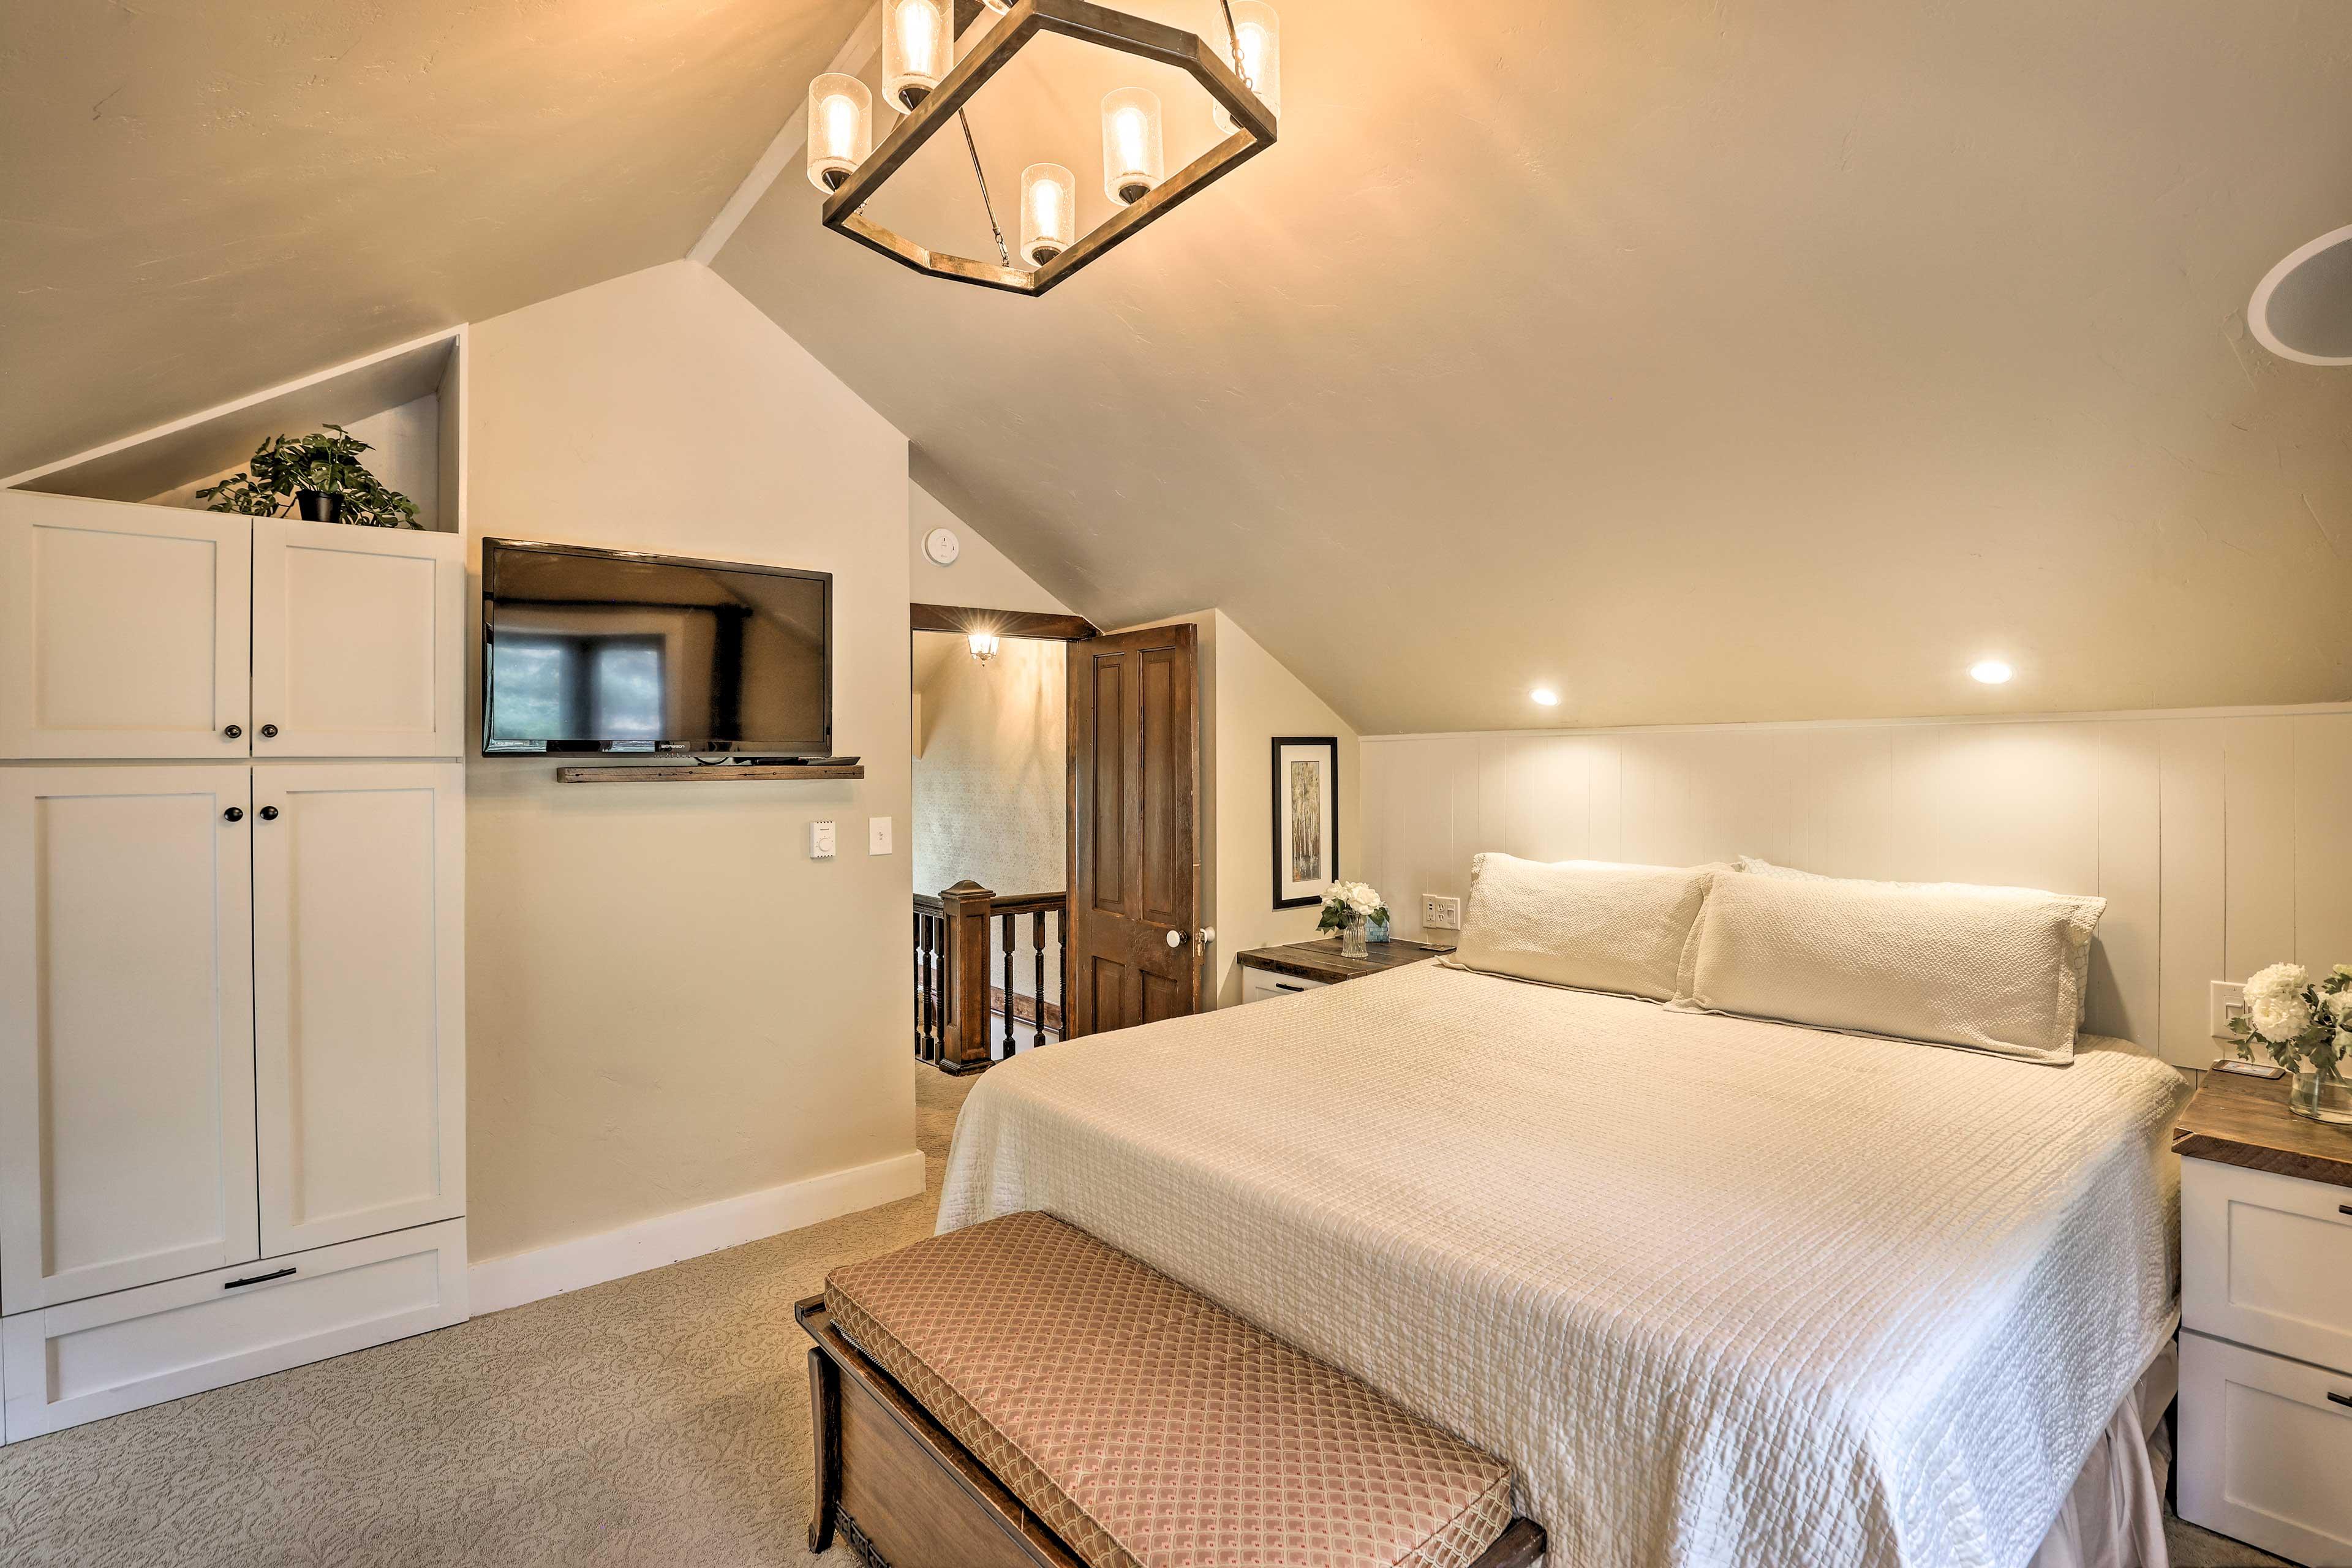 Bedroom 1   Flat-Screen TV